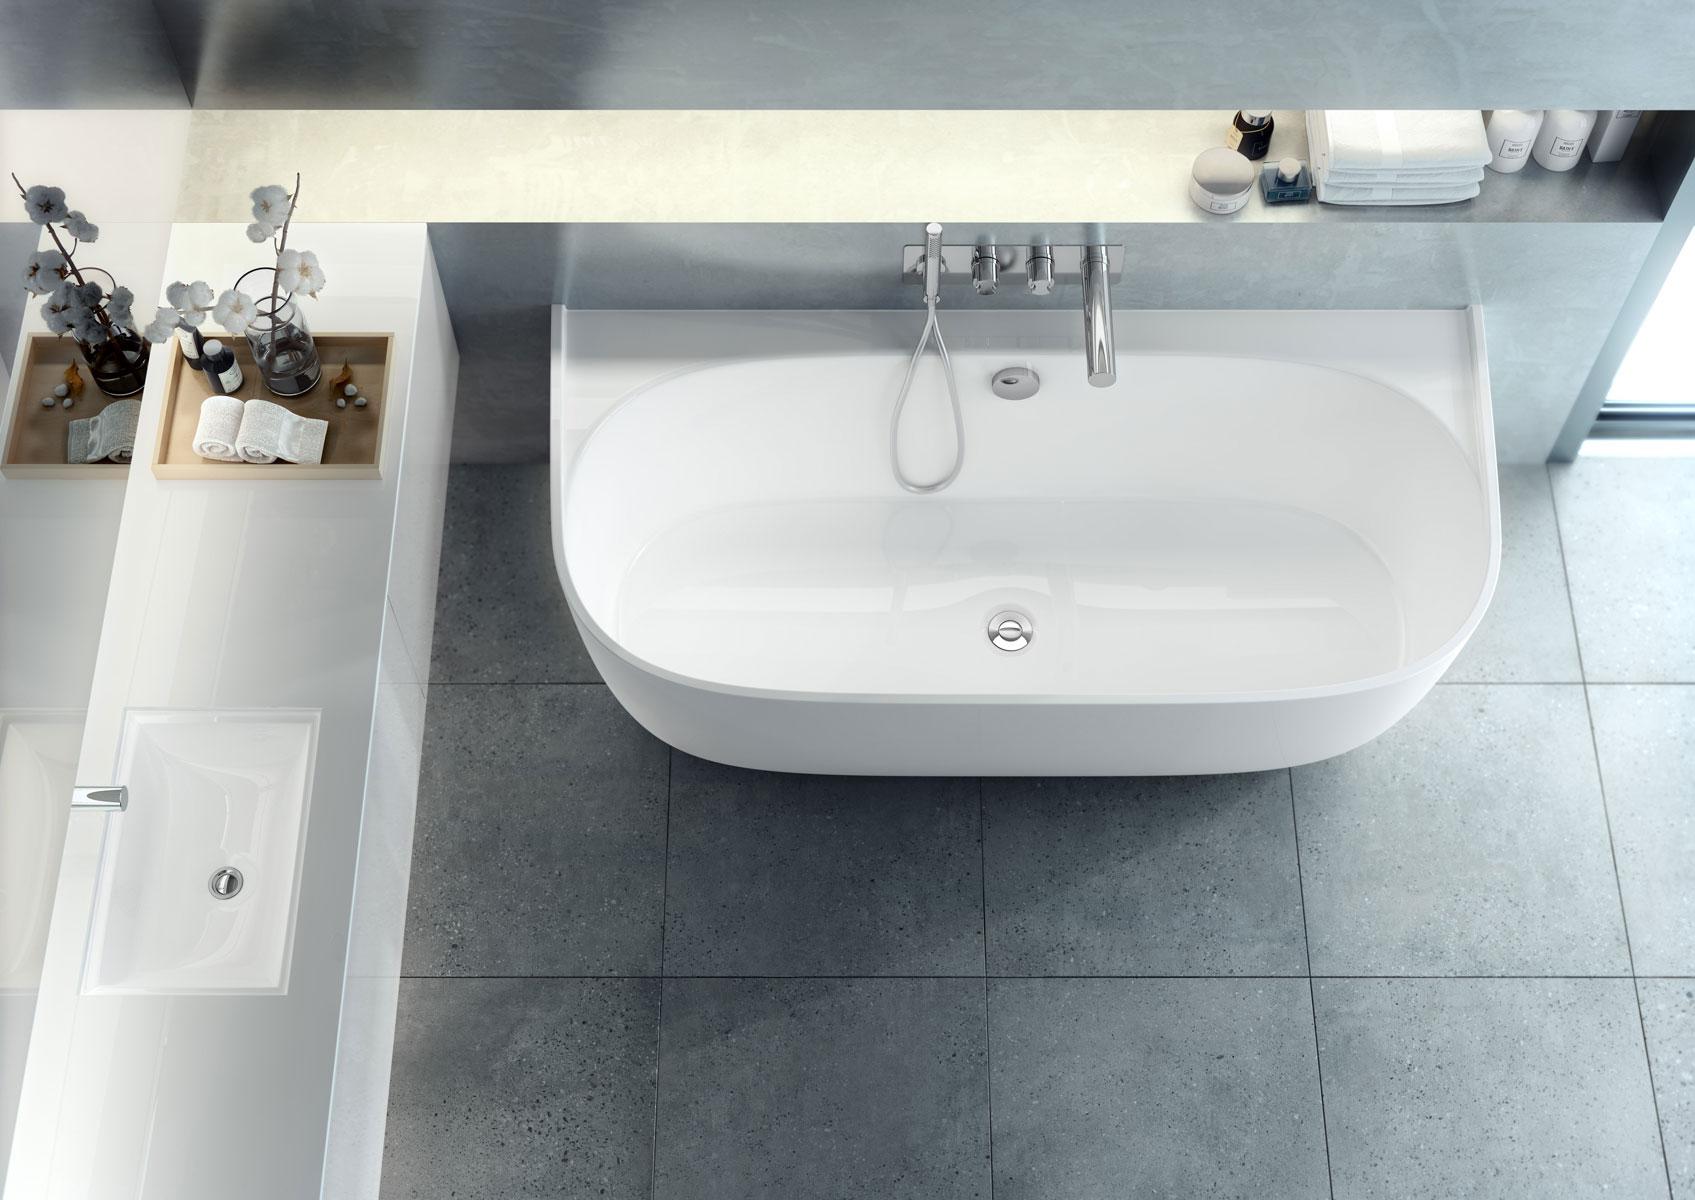 Eldon la vasca da bagno elegante e contemporanea - Riparazione vasca da bagno ...